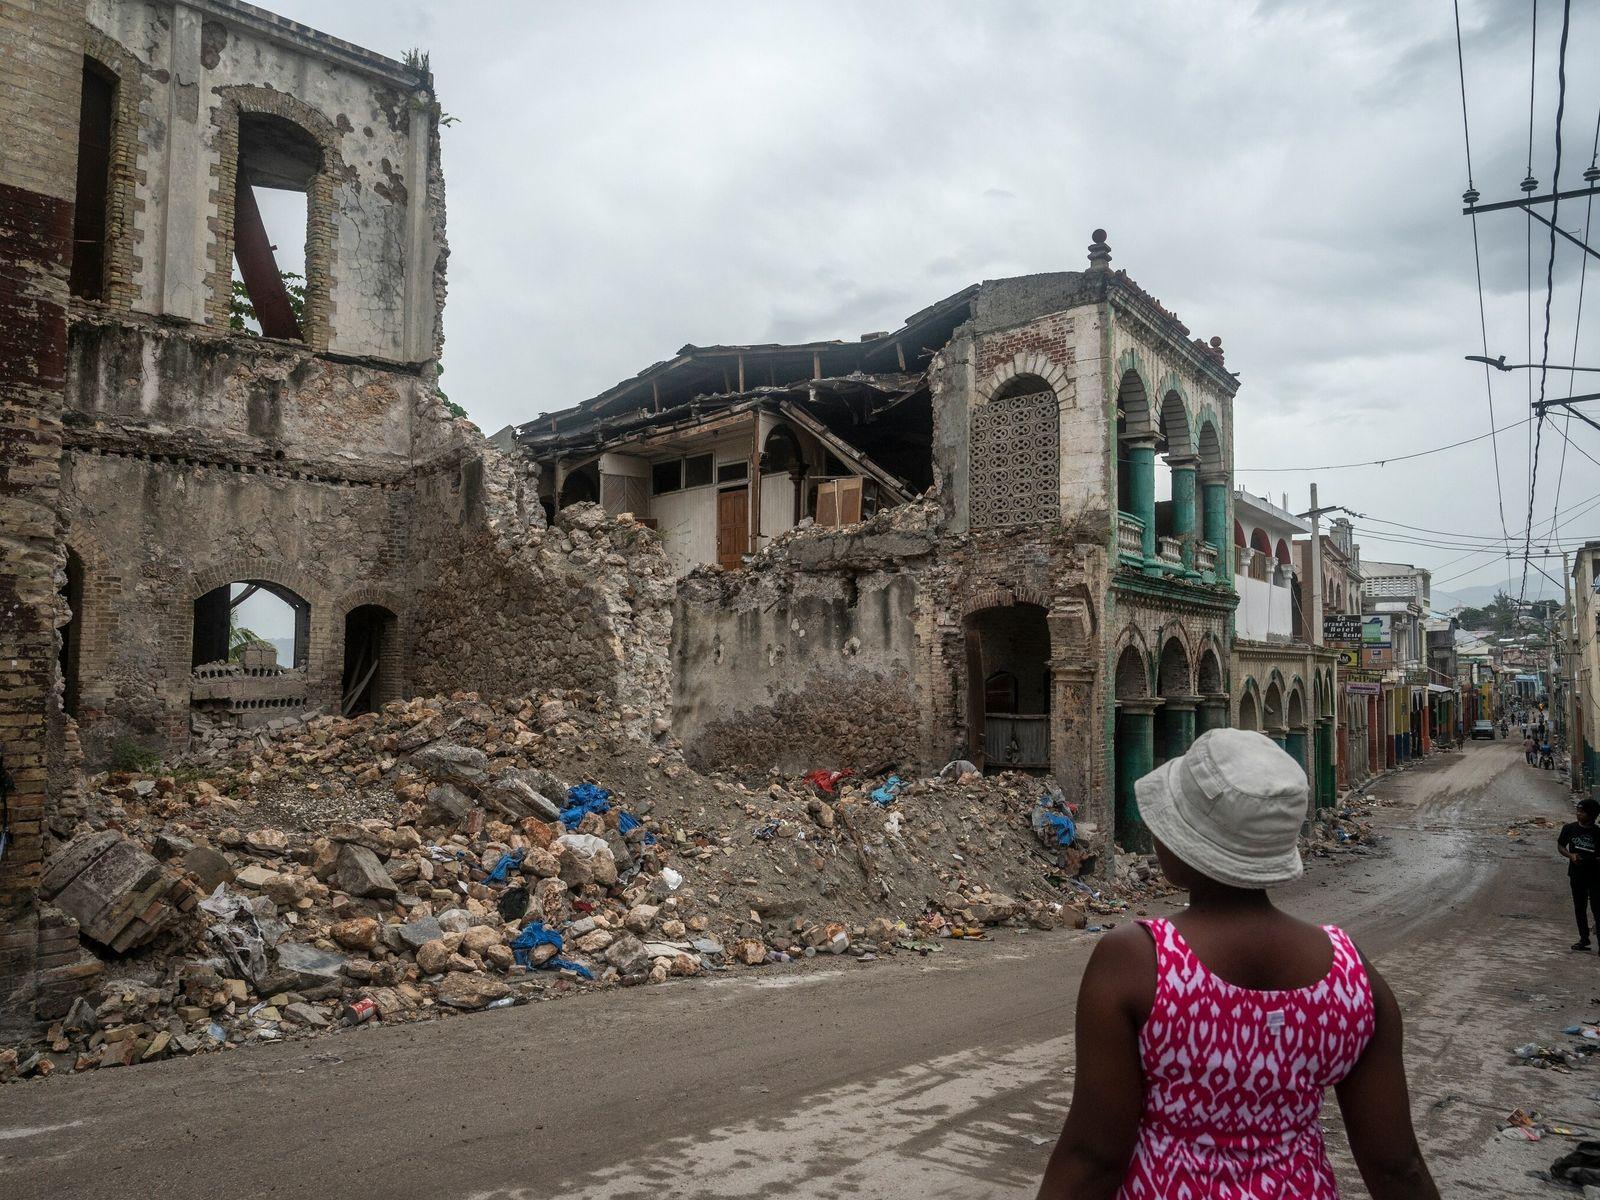 Na cidade de Jeremias, antigas construções coloniais desabaram durante o último terremoto de magnitude 7.2 no ...